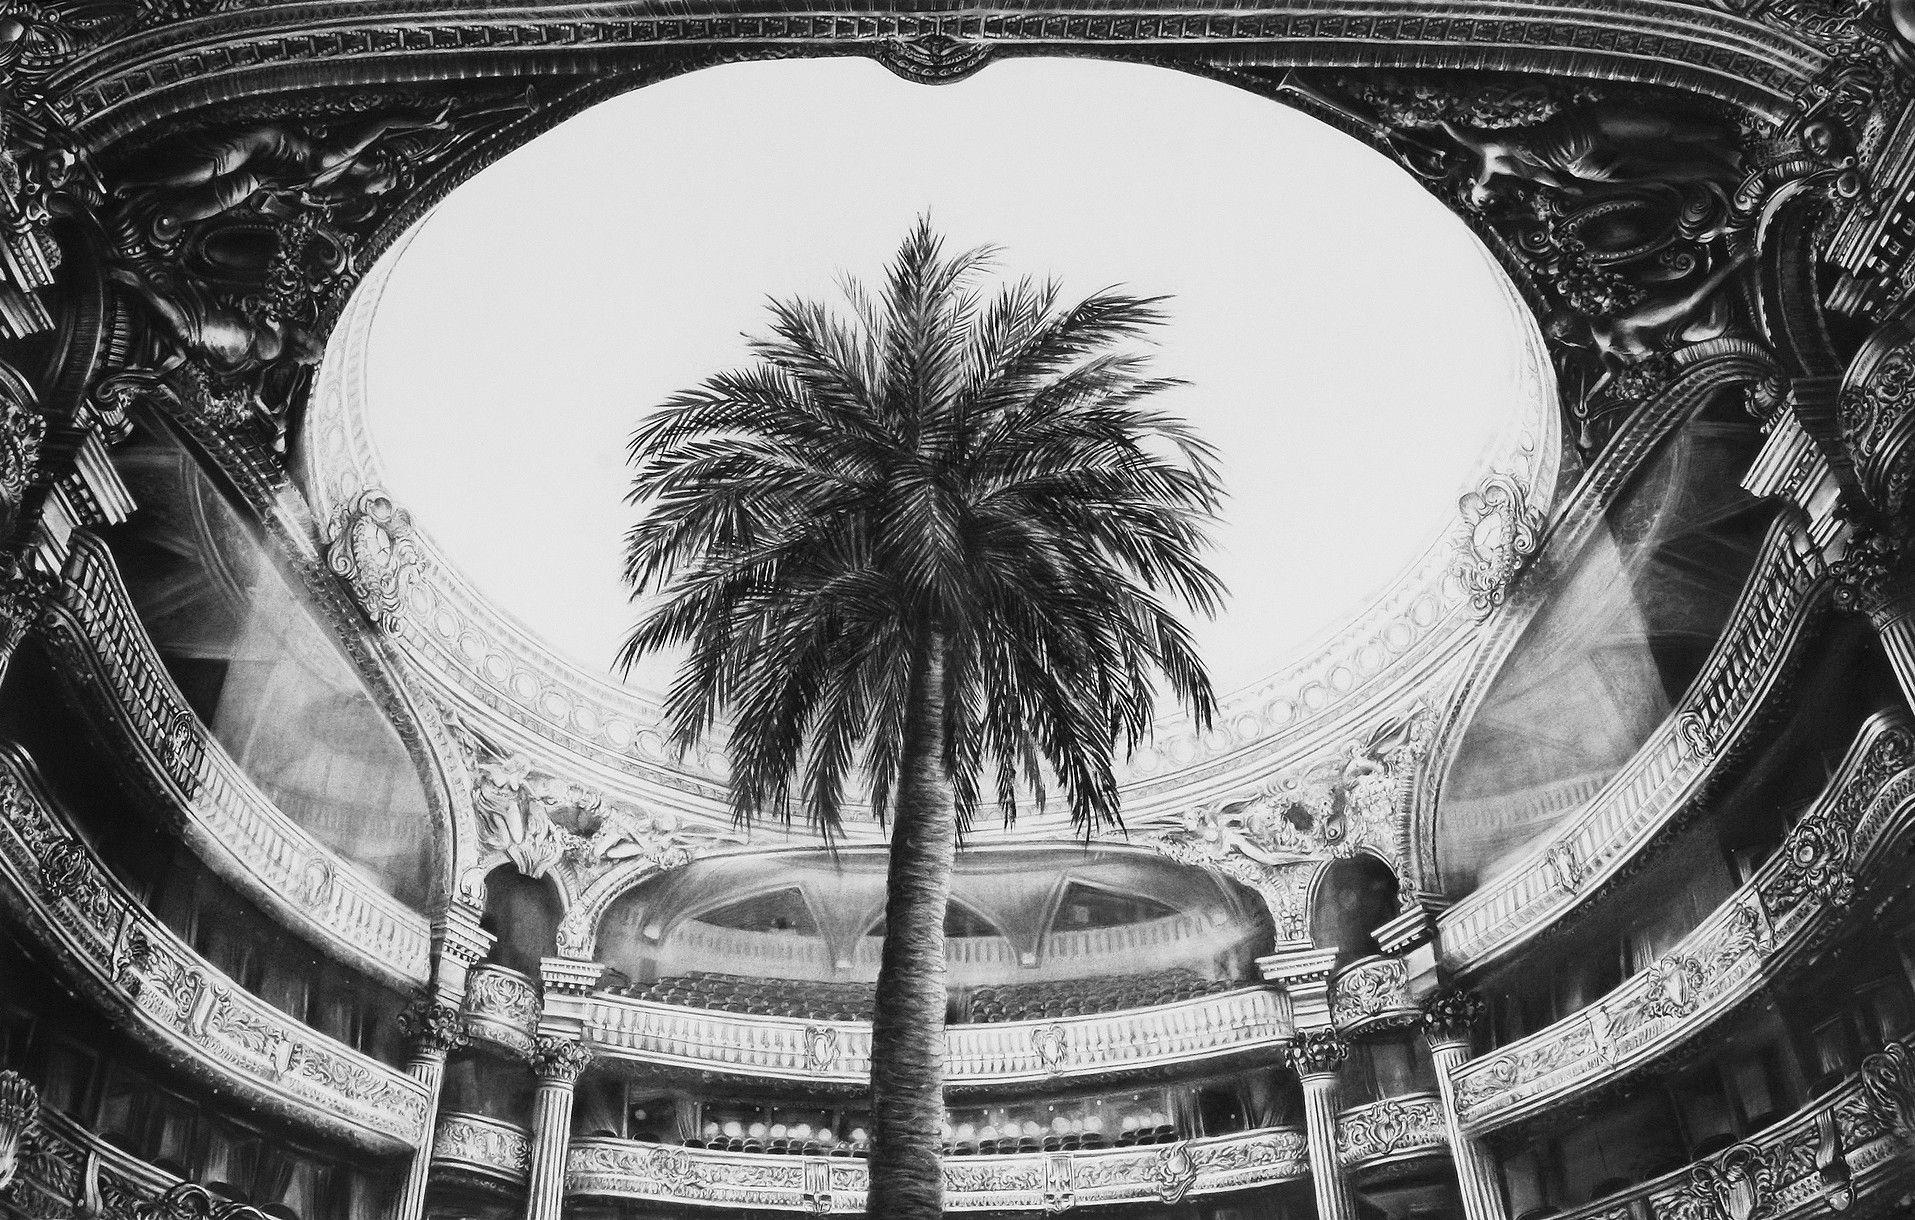 Gonzalo Fuenmayor, Tropical Elegance, 2015, carboncillo sobre papel, 42 x 66 pulgadas. Cortesía del artista